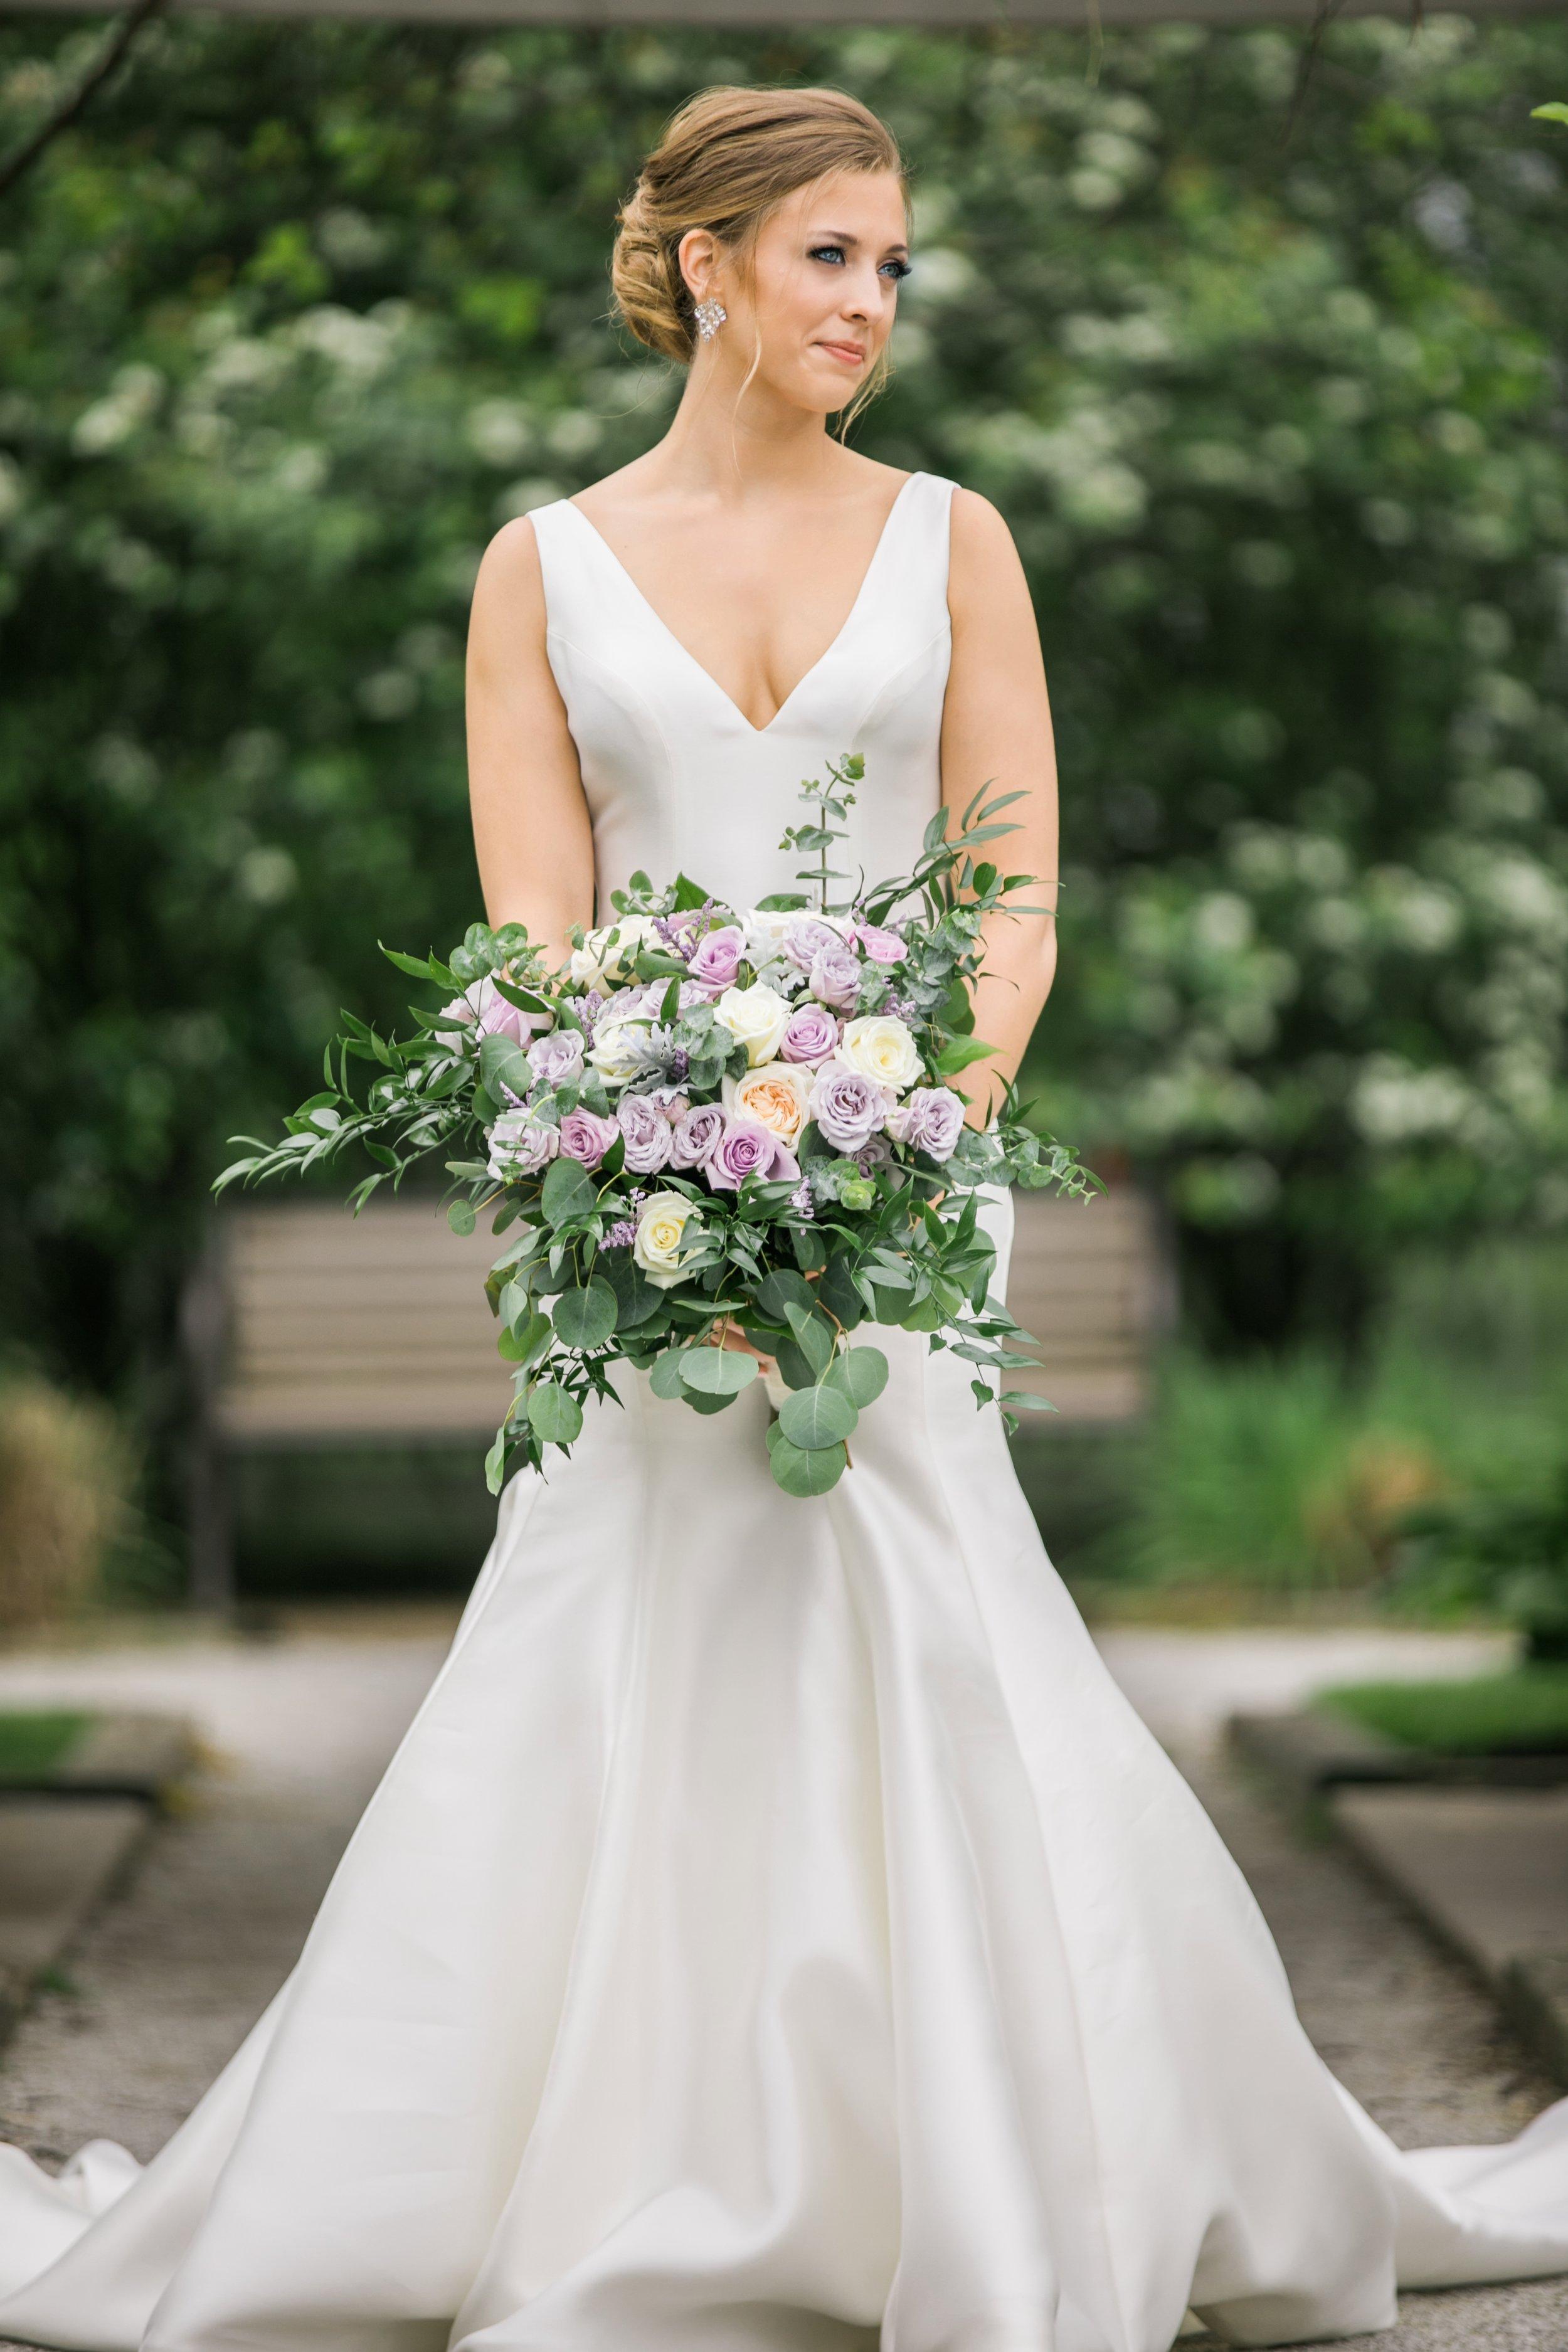 Bride-with-kathy-florist-flowers.jpg